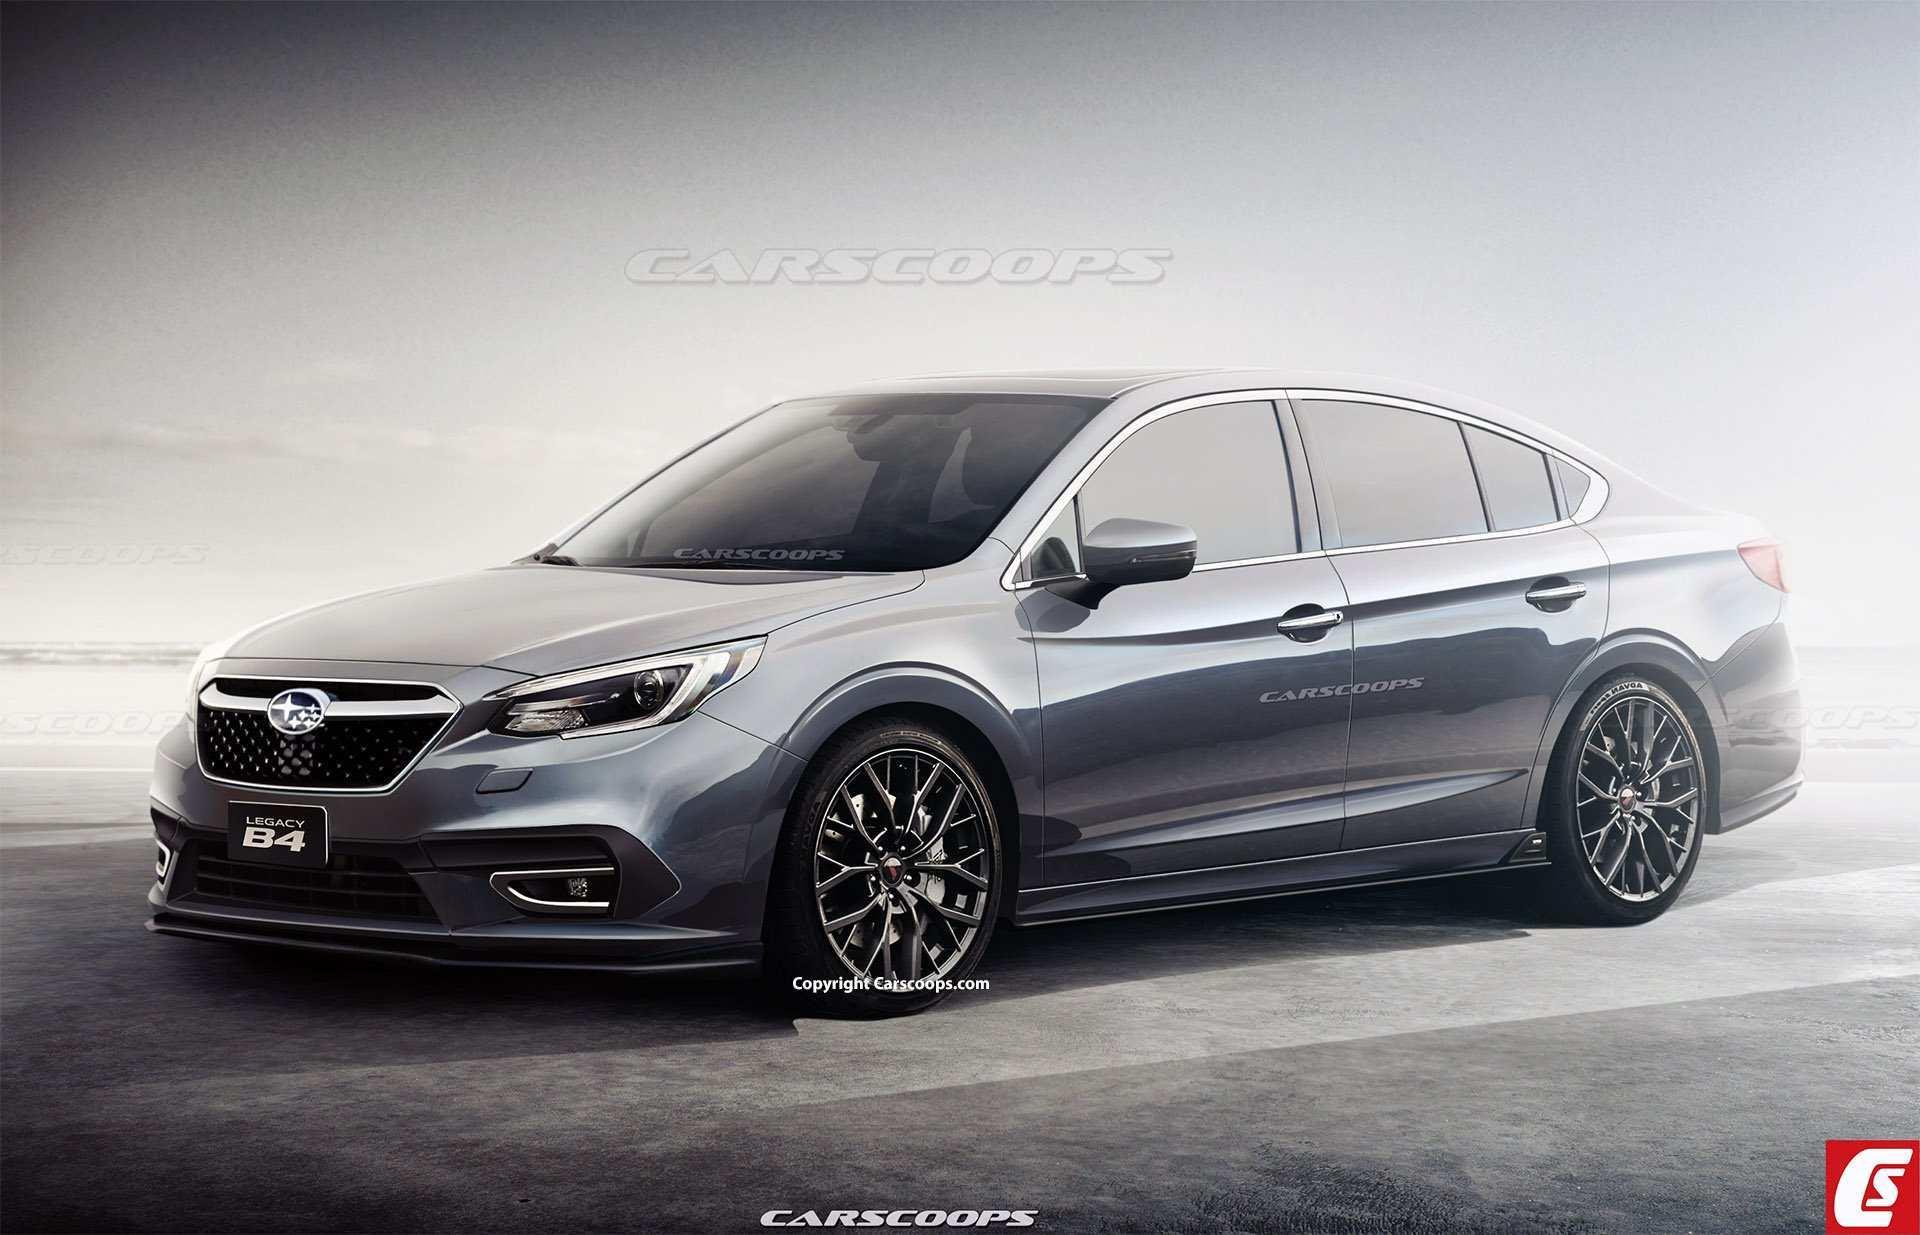 92 Great Subaru Legacy 2020 Japan Review for Subaru Legacy 2020 Japan